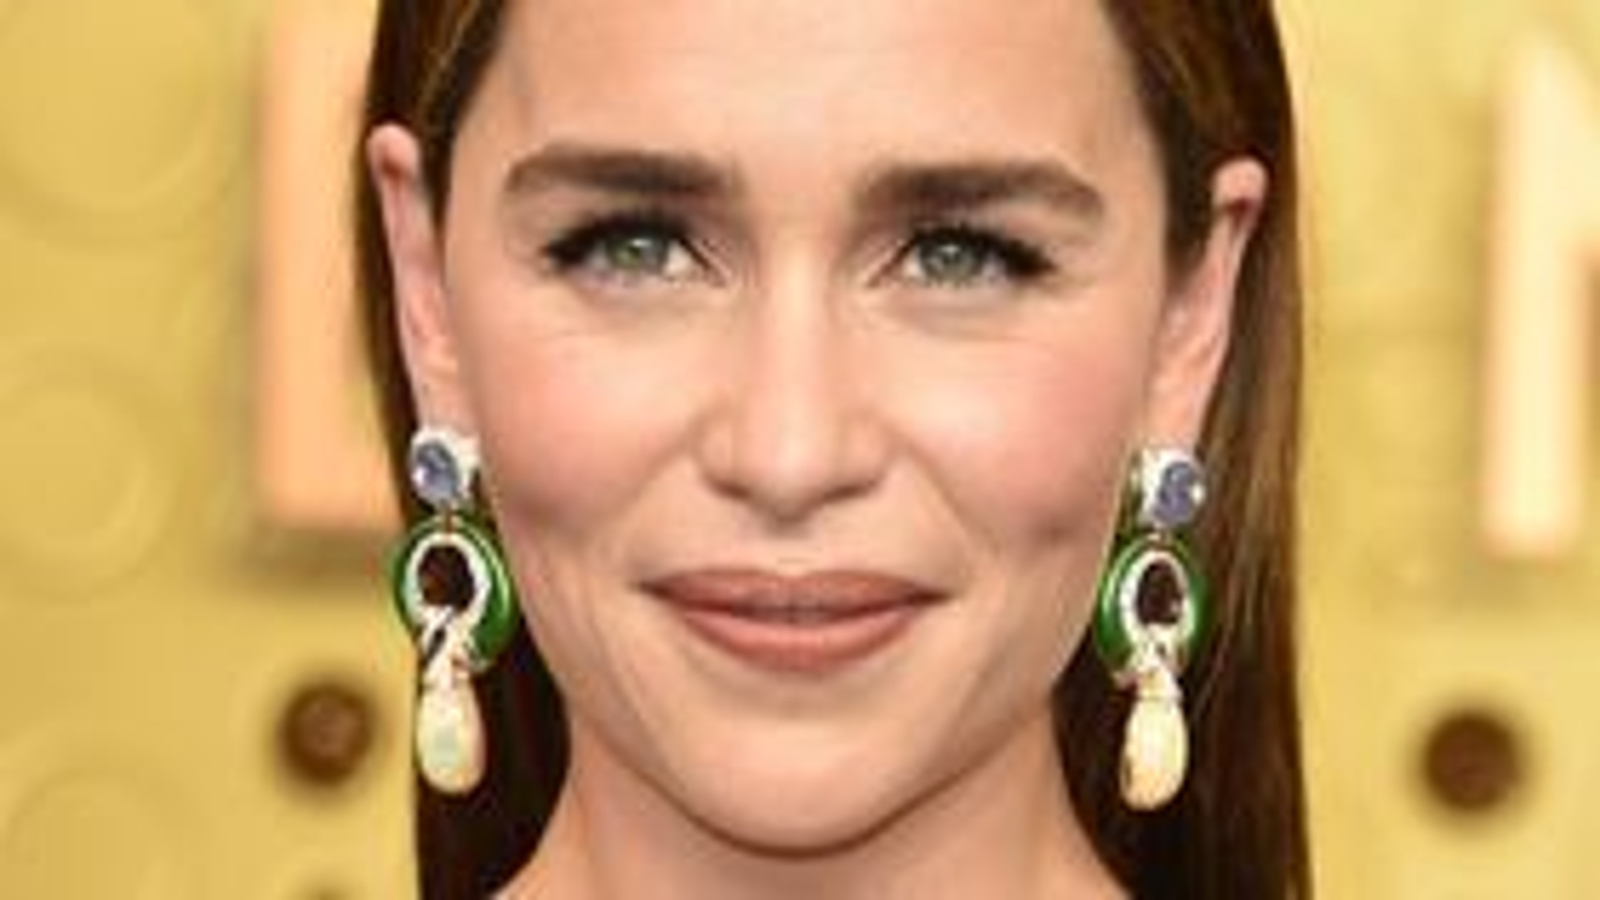 Augenbrauen Seren: Das sind die 4 besten laut Dermatologen